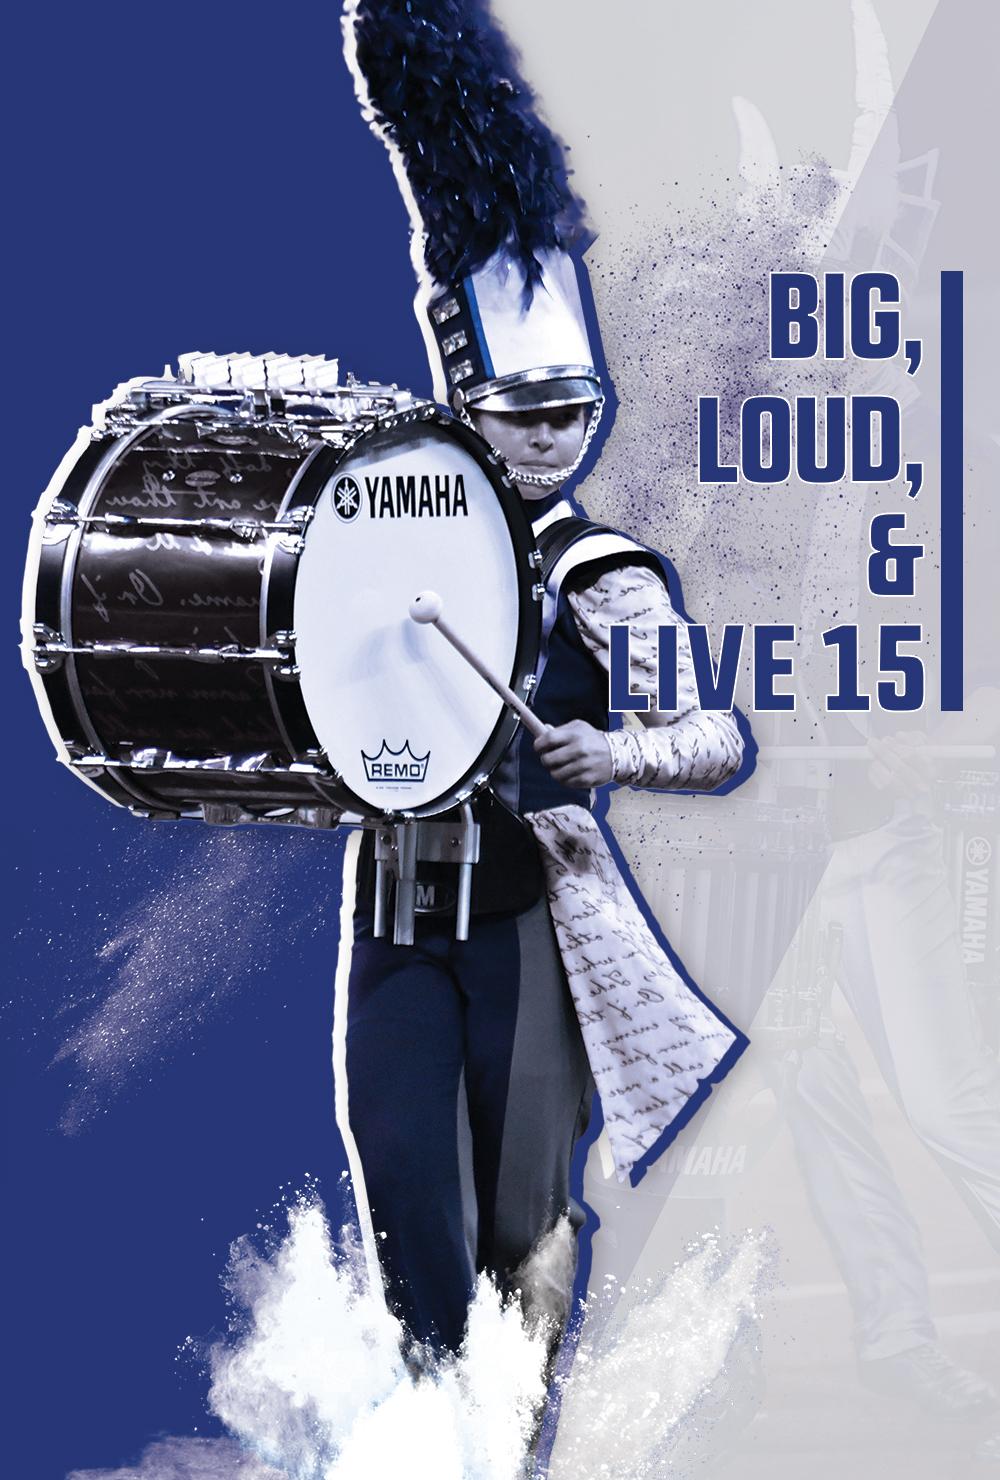 Big, Loud & Live 15